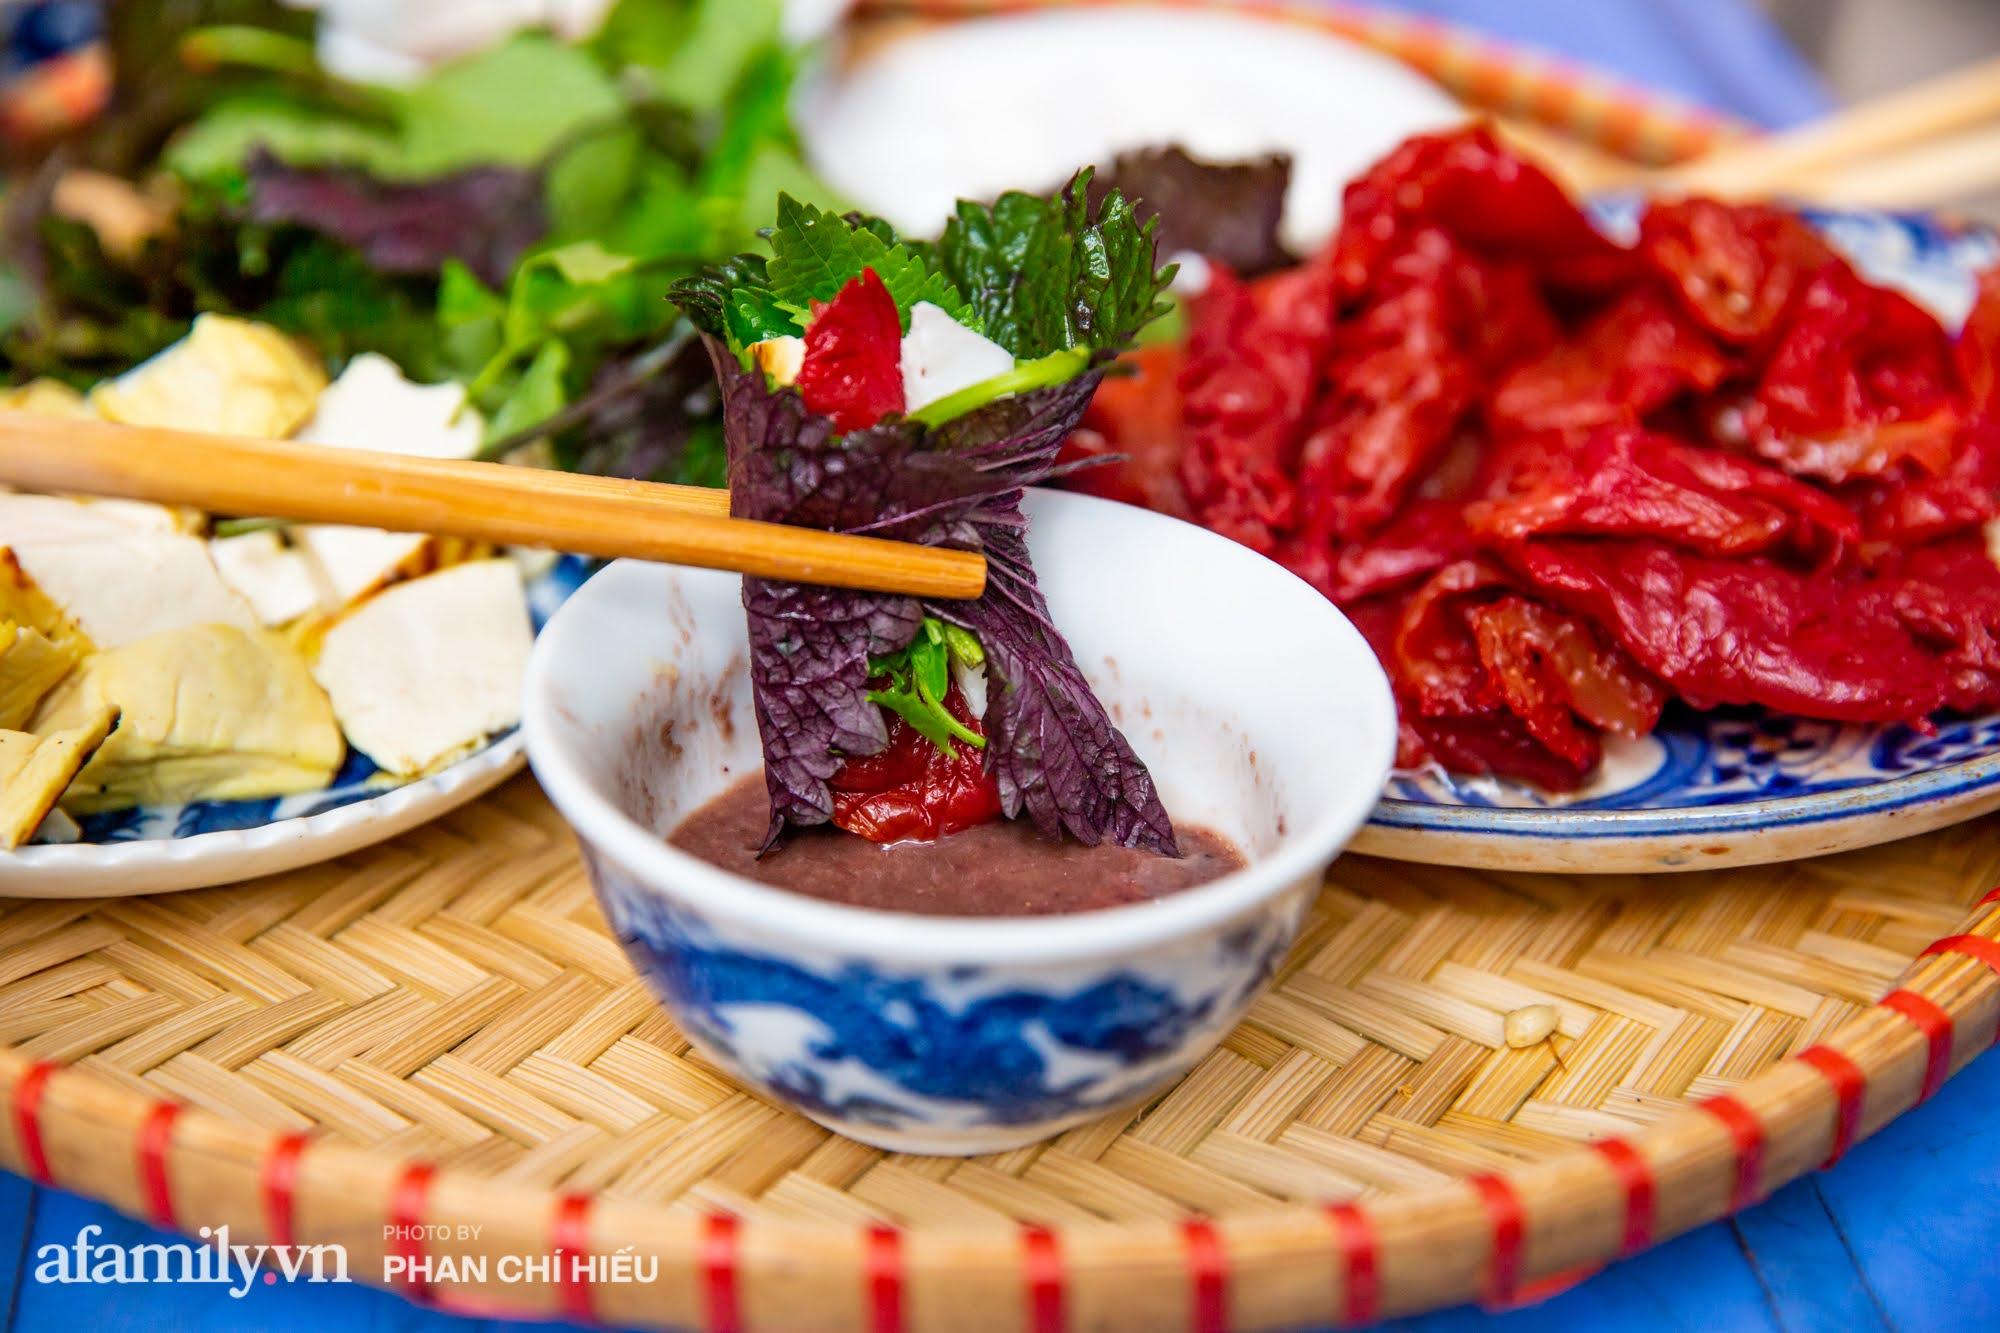 Bà chủ hàng sứa đỏ 3 đời người ở Hà Nội tiết lộ phần ngon nhất của con sứa khi rộ mùa, bật mí chỉ dùng dao tre thay vì dao thép để cắt sứa càng khiến món ăn thêm bí hiểm - Ảnh 9.